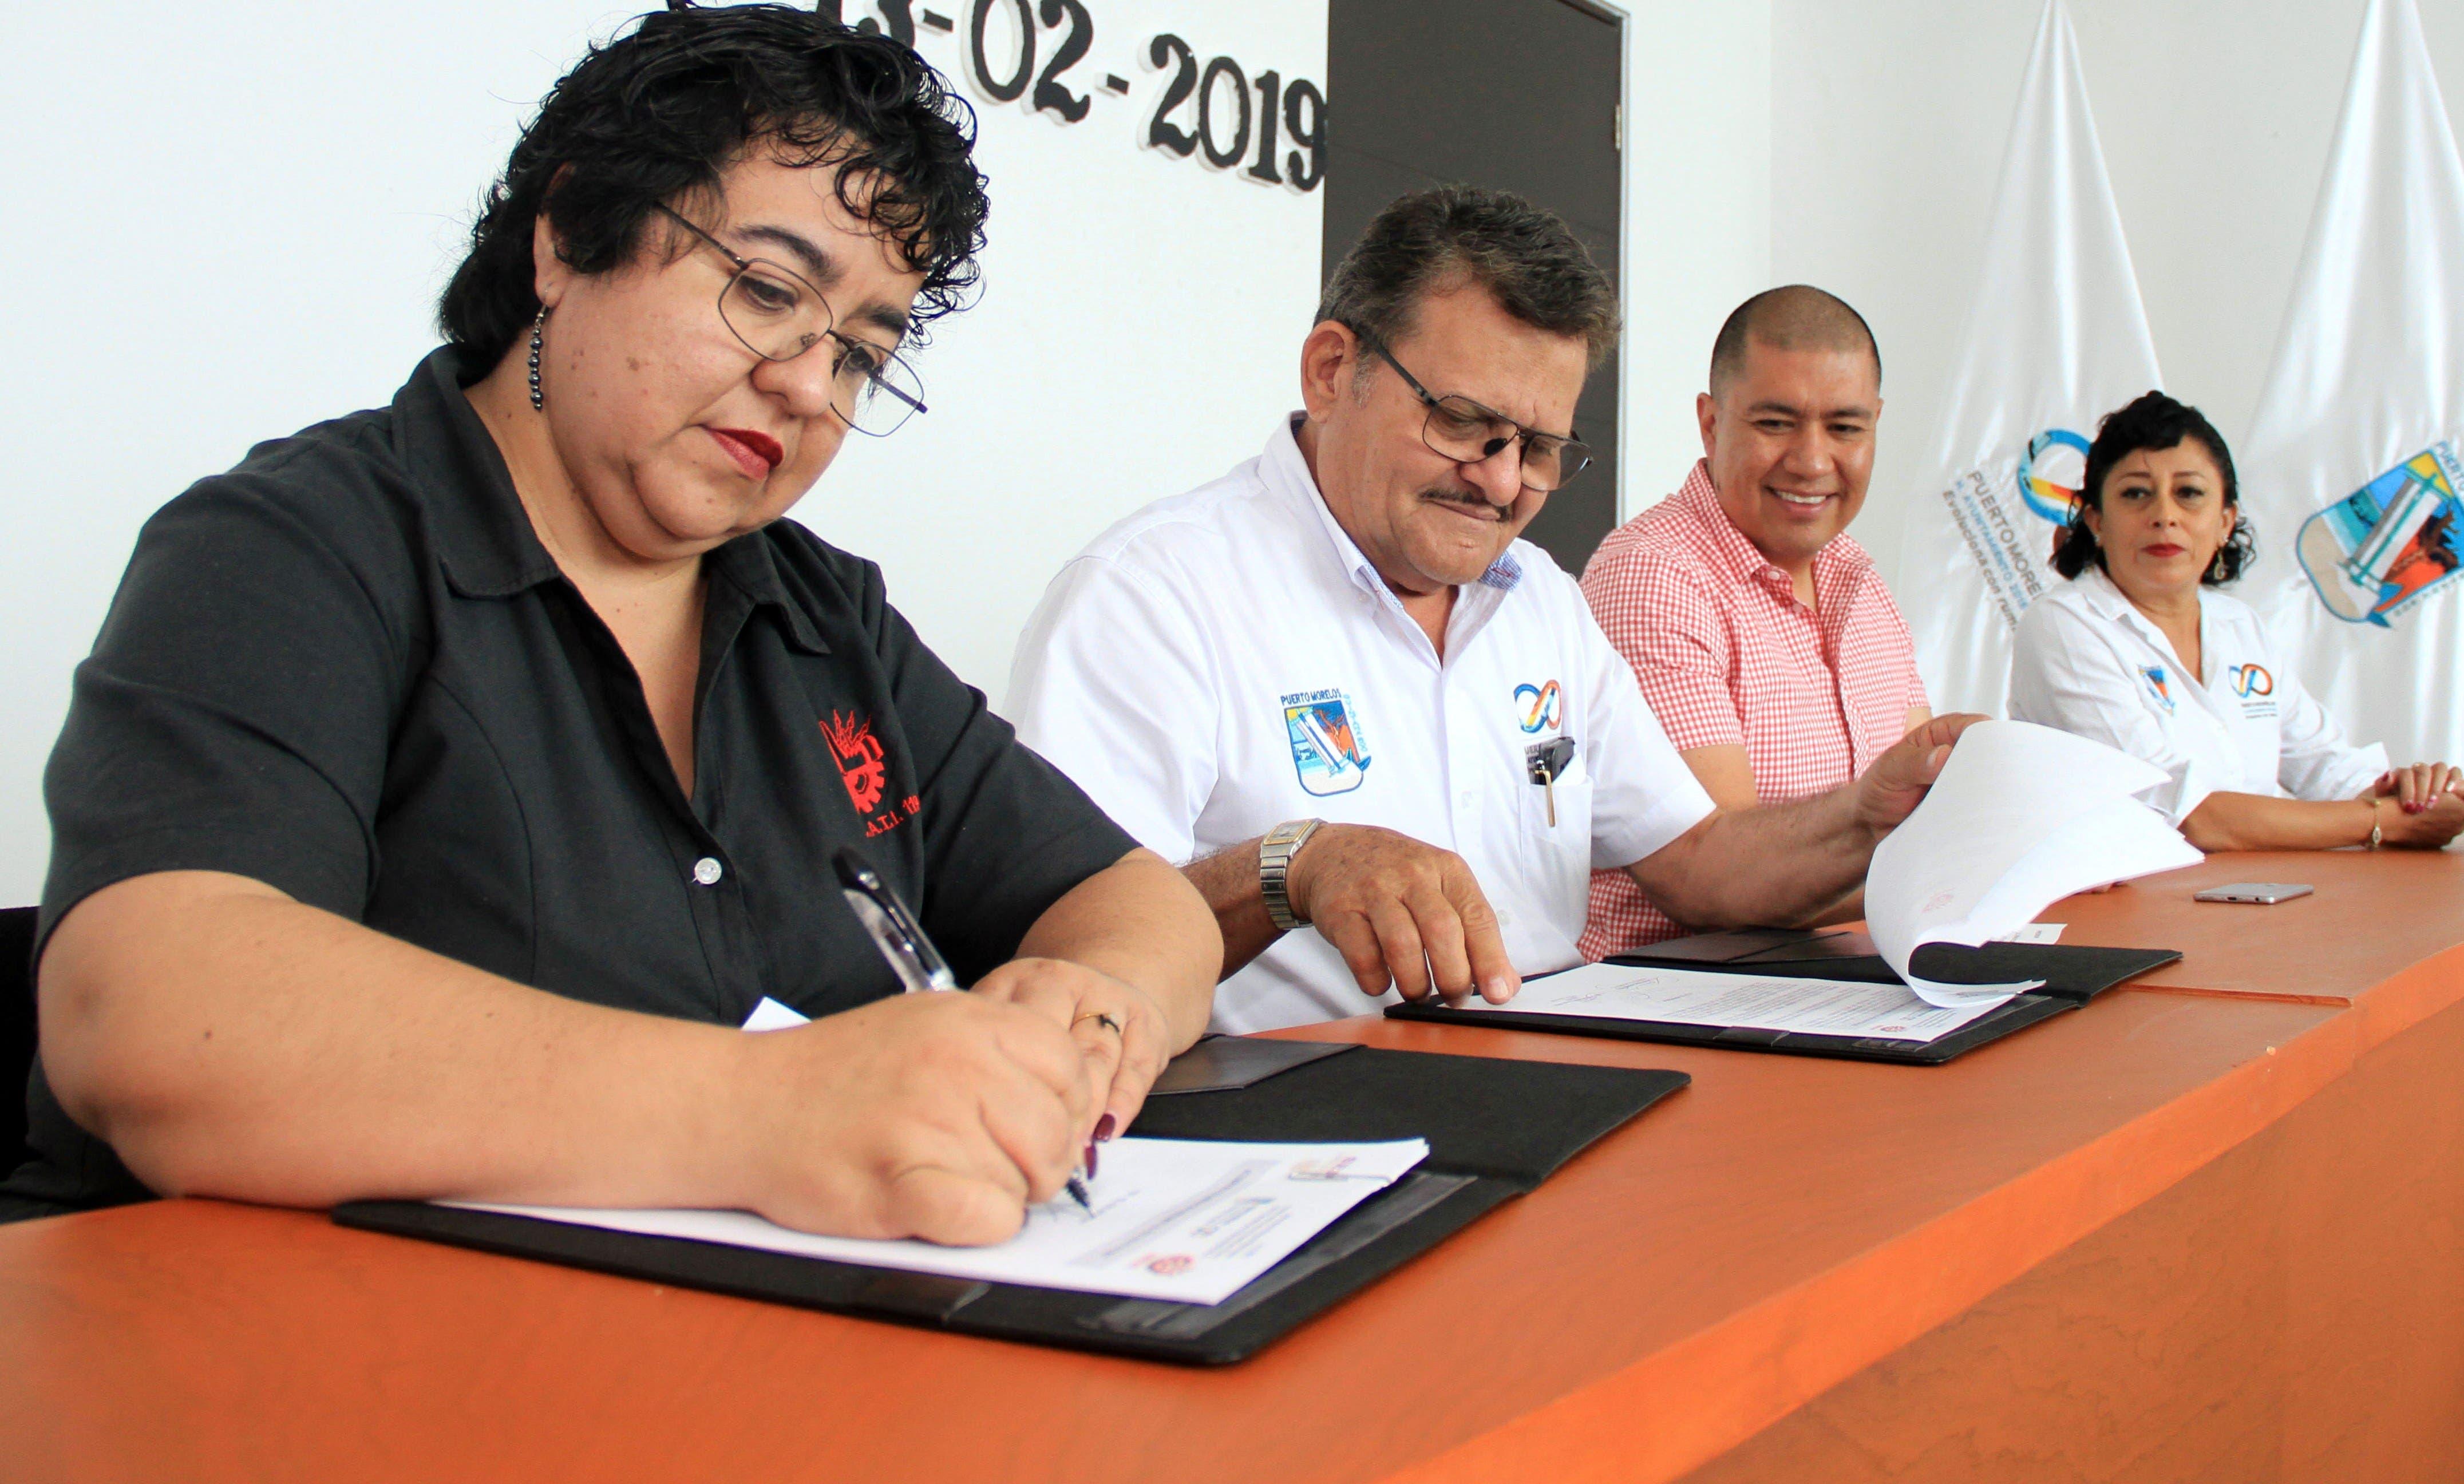 Laura Fernández formaliza alianza con Cecati 119